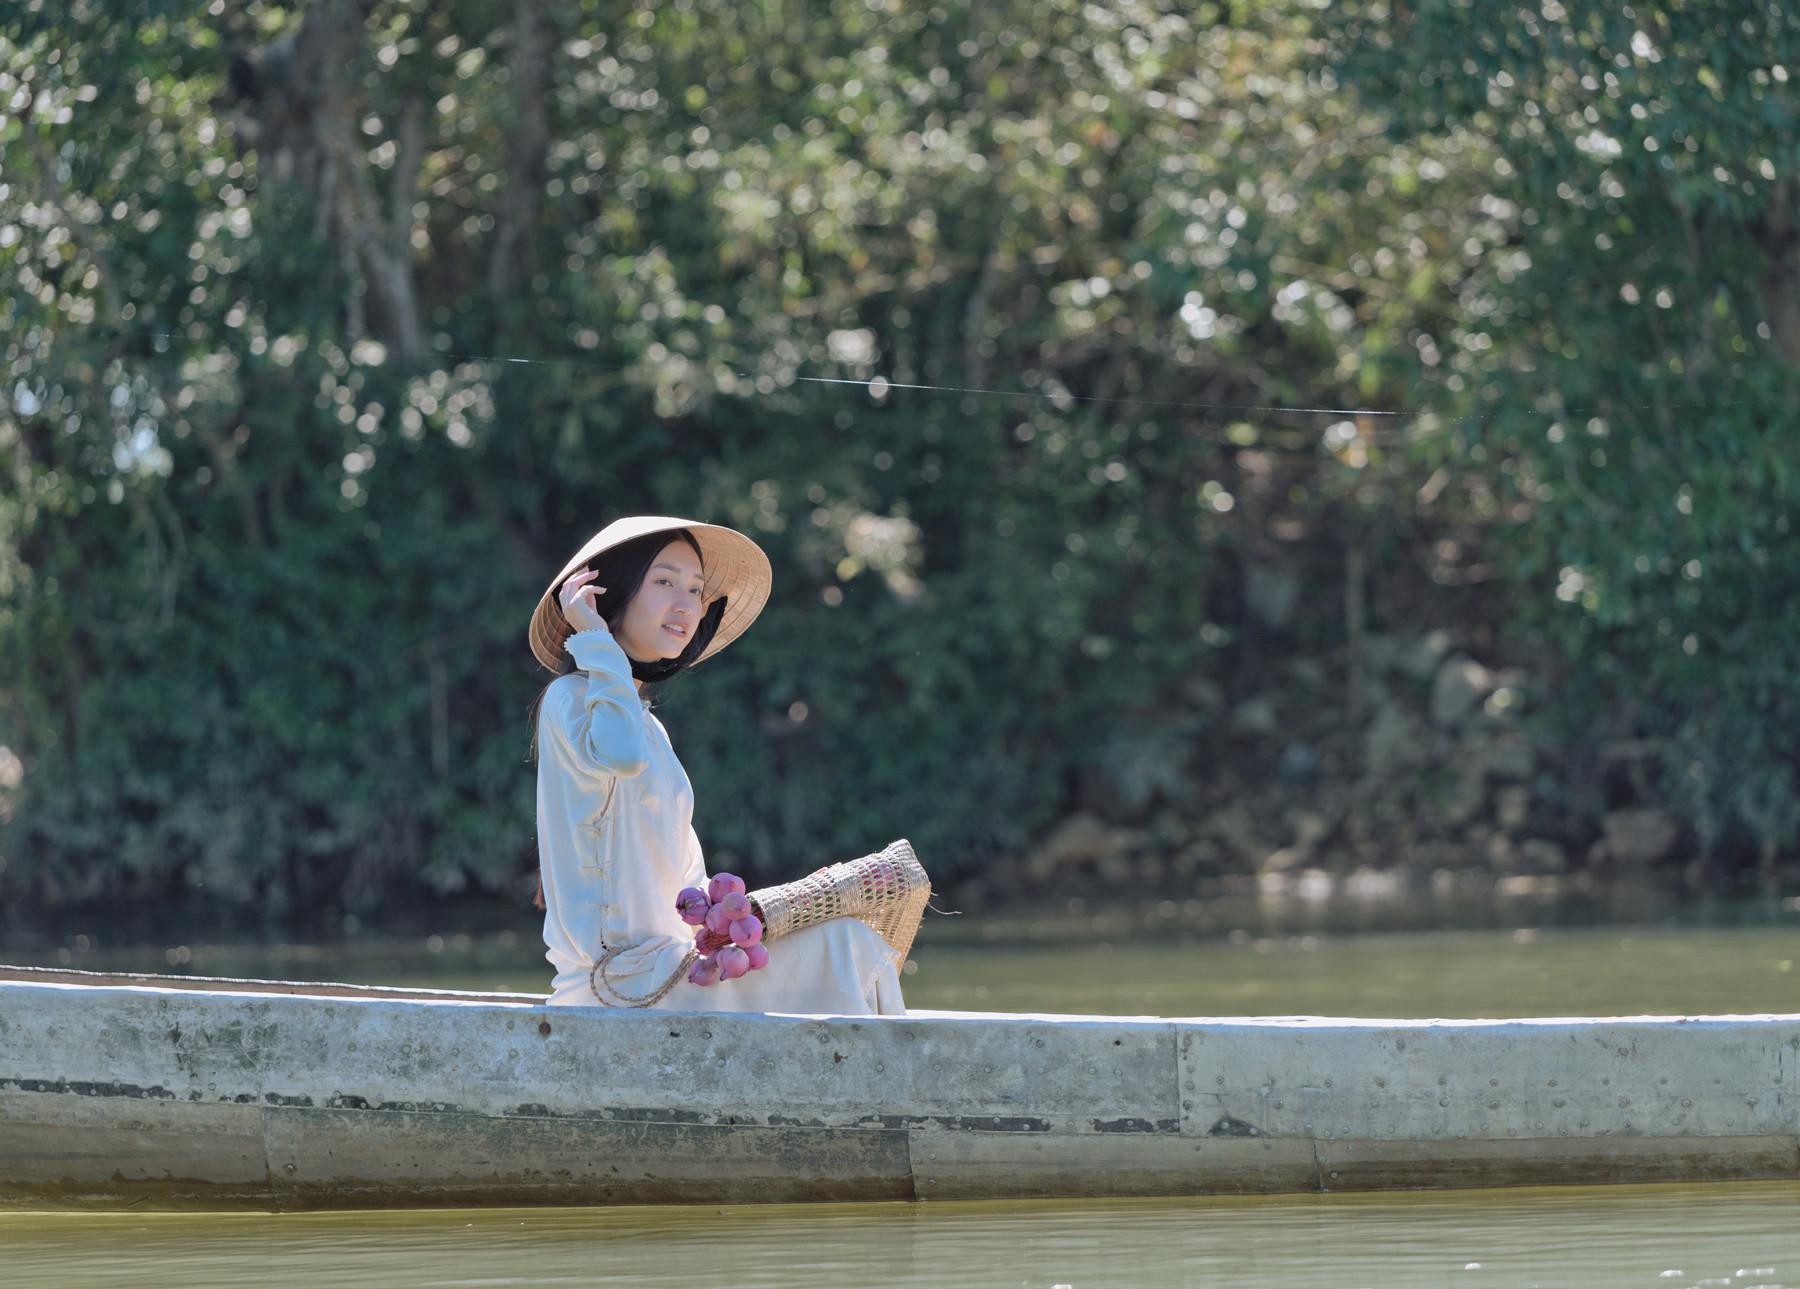 Con gái Huế dịu dàng, thùy mị. Hình: Sưu tầm